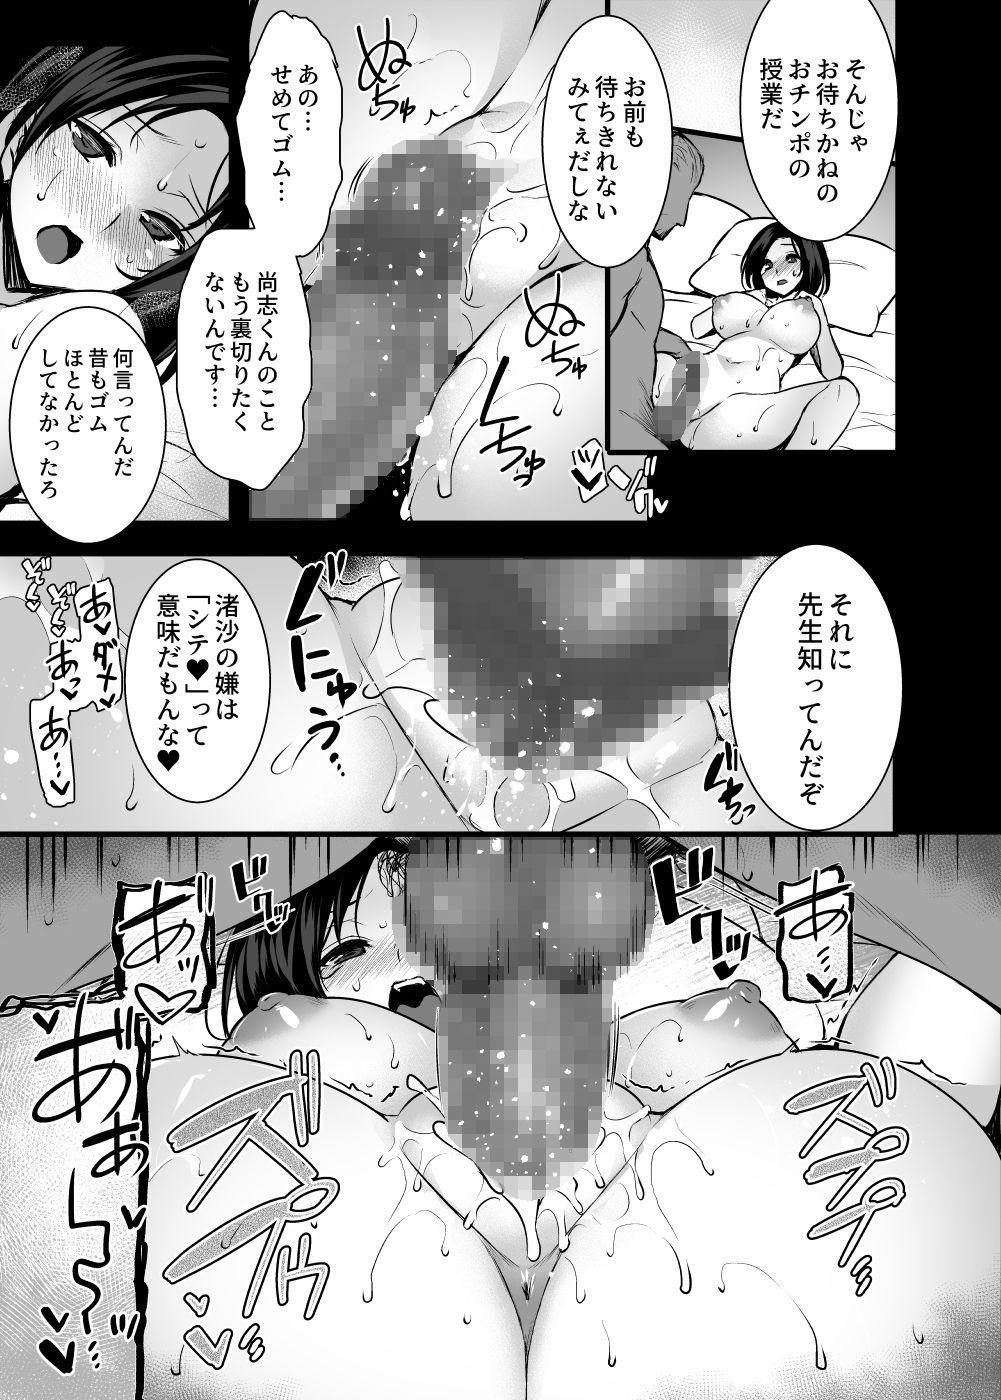 Tsuma no Hajimete no Otoko 21